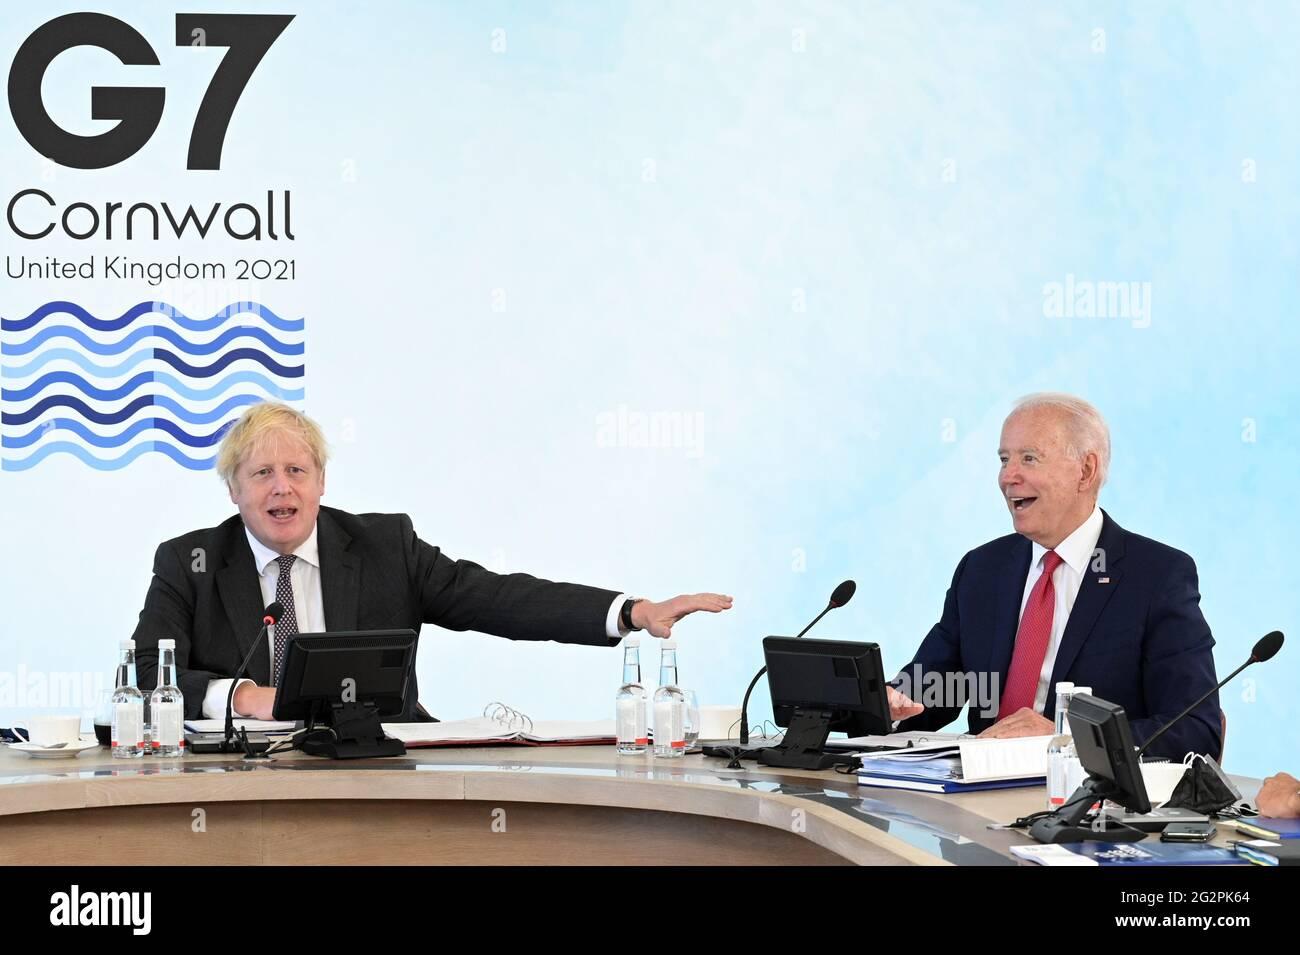 Il primo ministro Boris Johnson (a sinistra) accanto al presidente americano Joe Biden a Carbis Bay, durante il vertice del G7 in Cornovaglia. Data immagine: Sabato 12 giugno 2021. Foto Stock